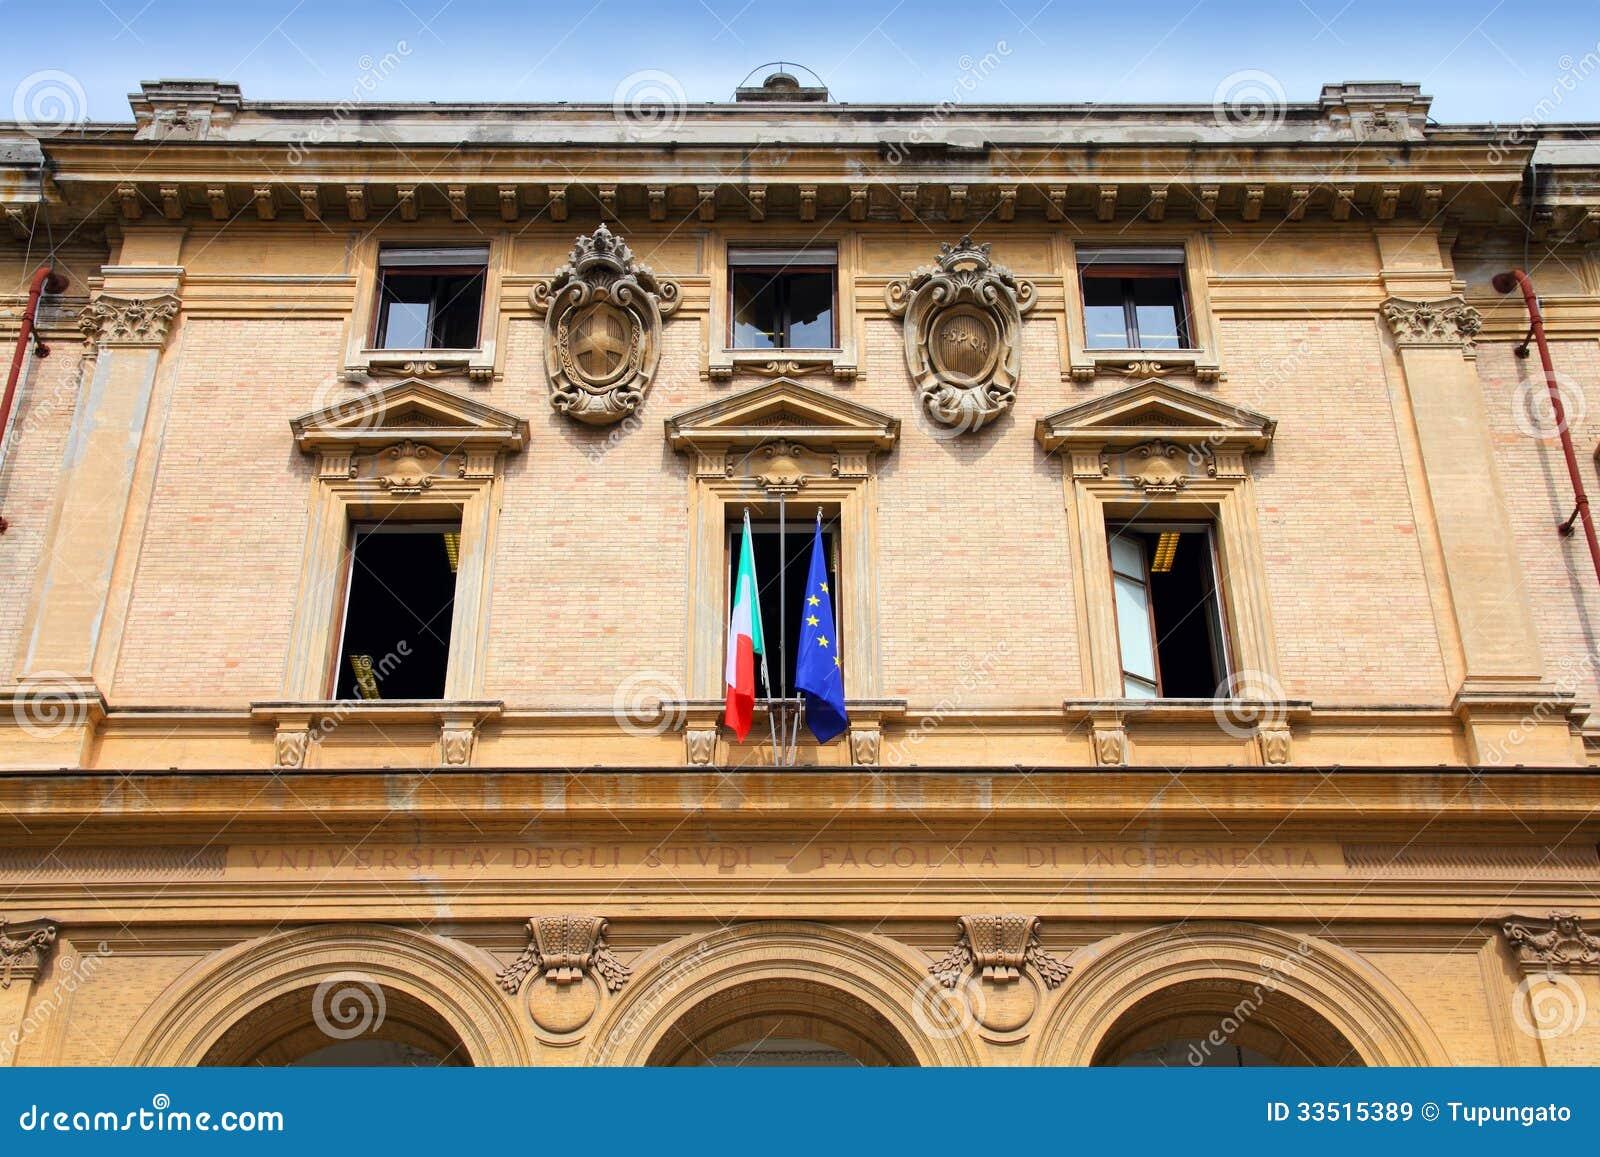 Rzym uniwersytet